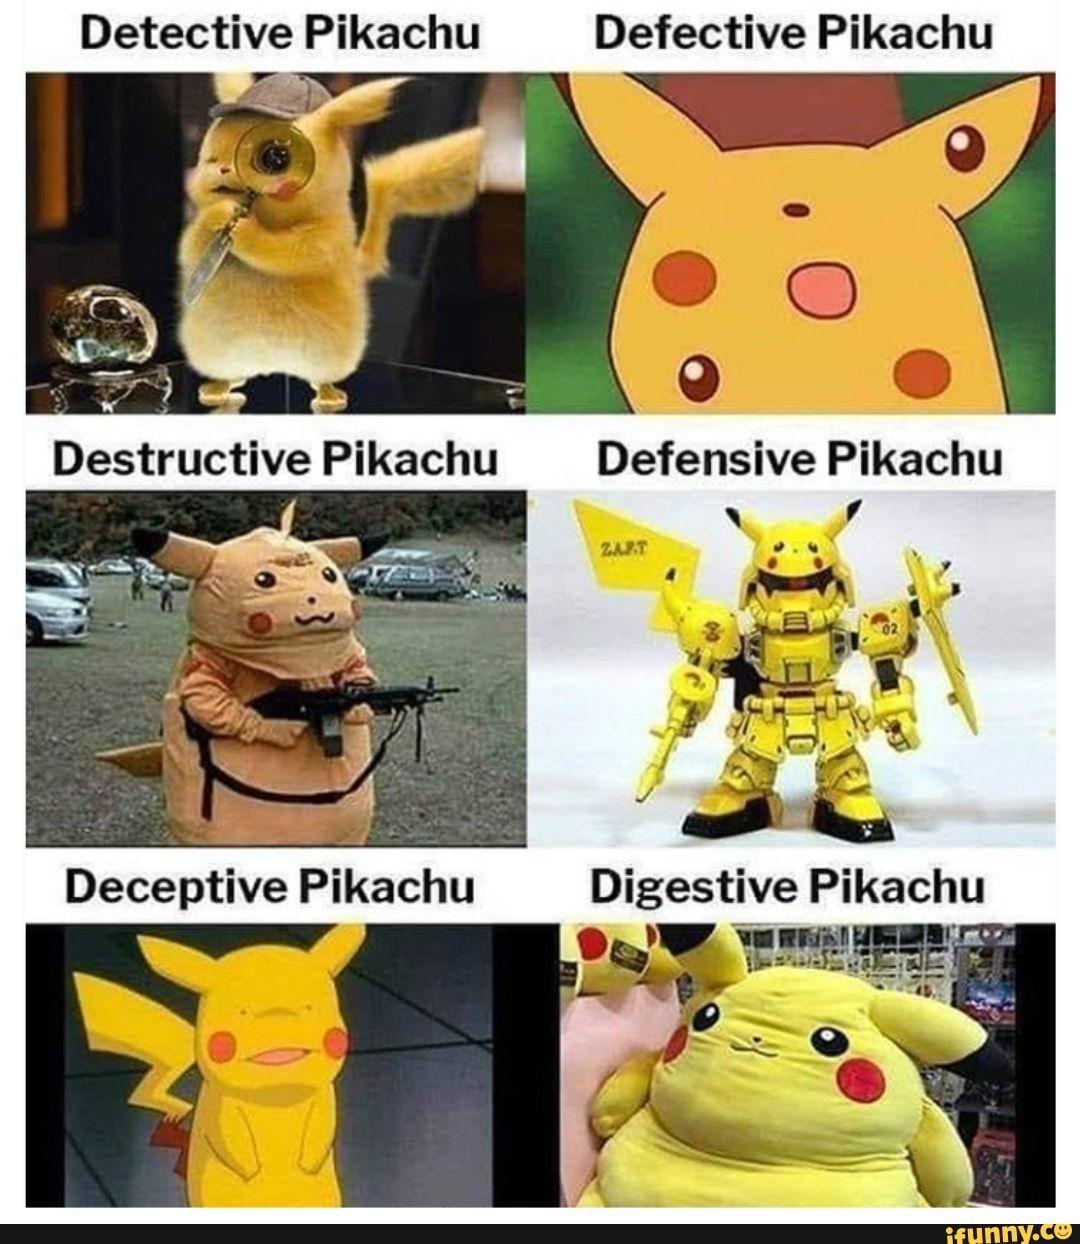 Detective Pikachu Defective Pikachu - IFunny :)